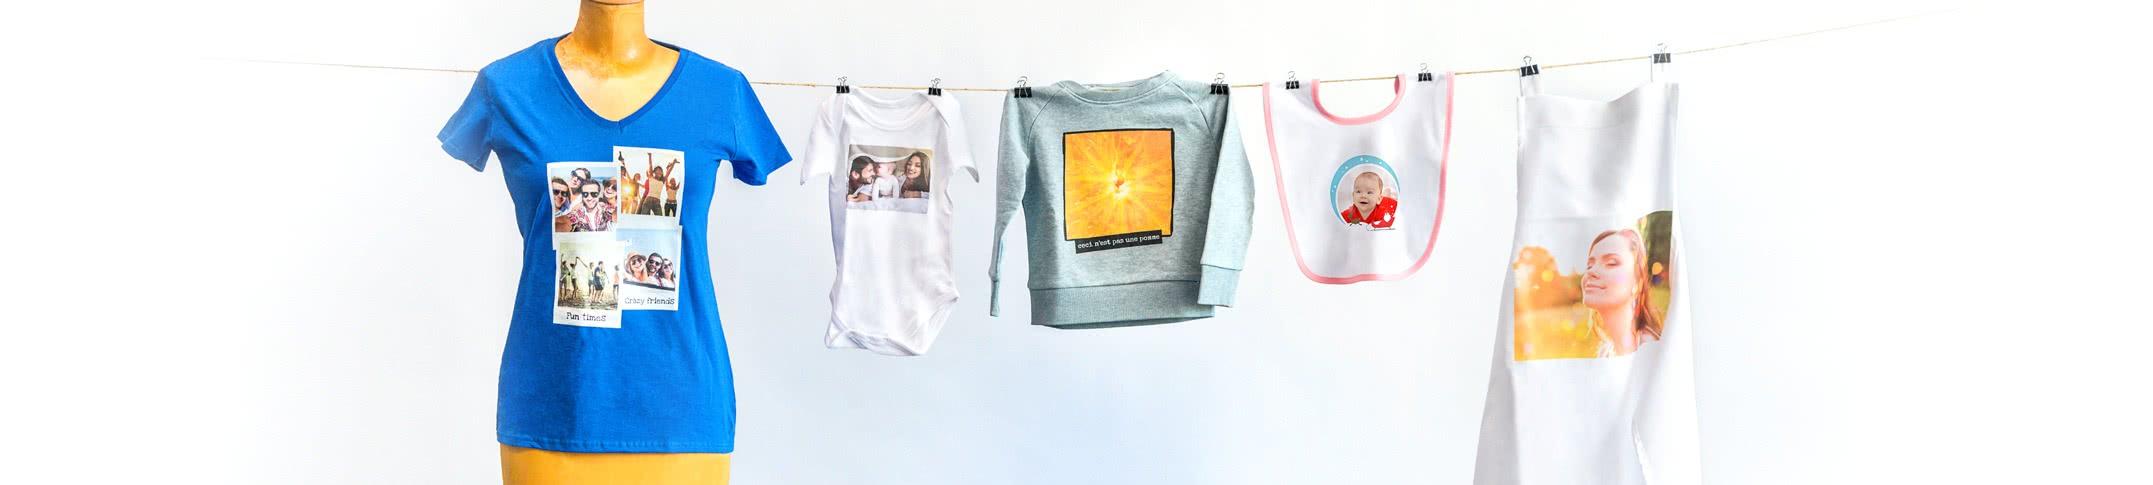 Tekstiilit omalla kuvalla - Vaatteita ja t-paitoja omalla kuvalla!